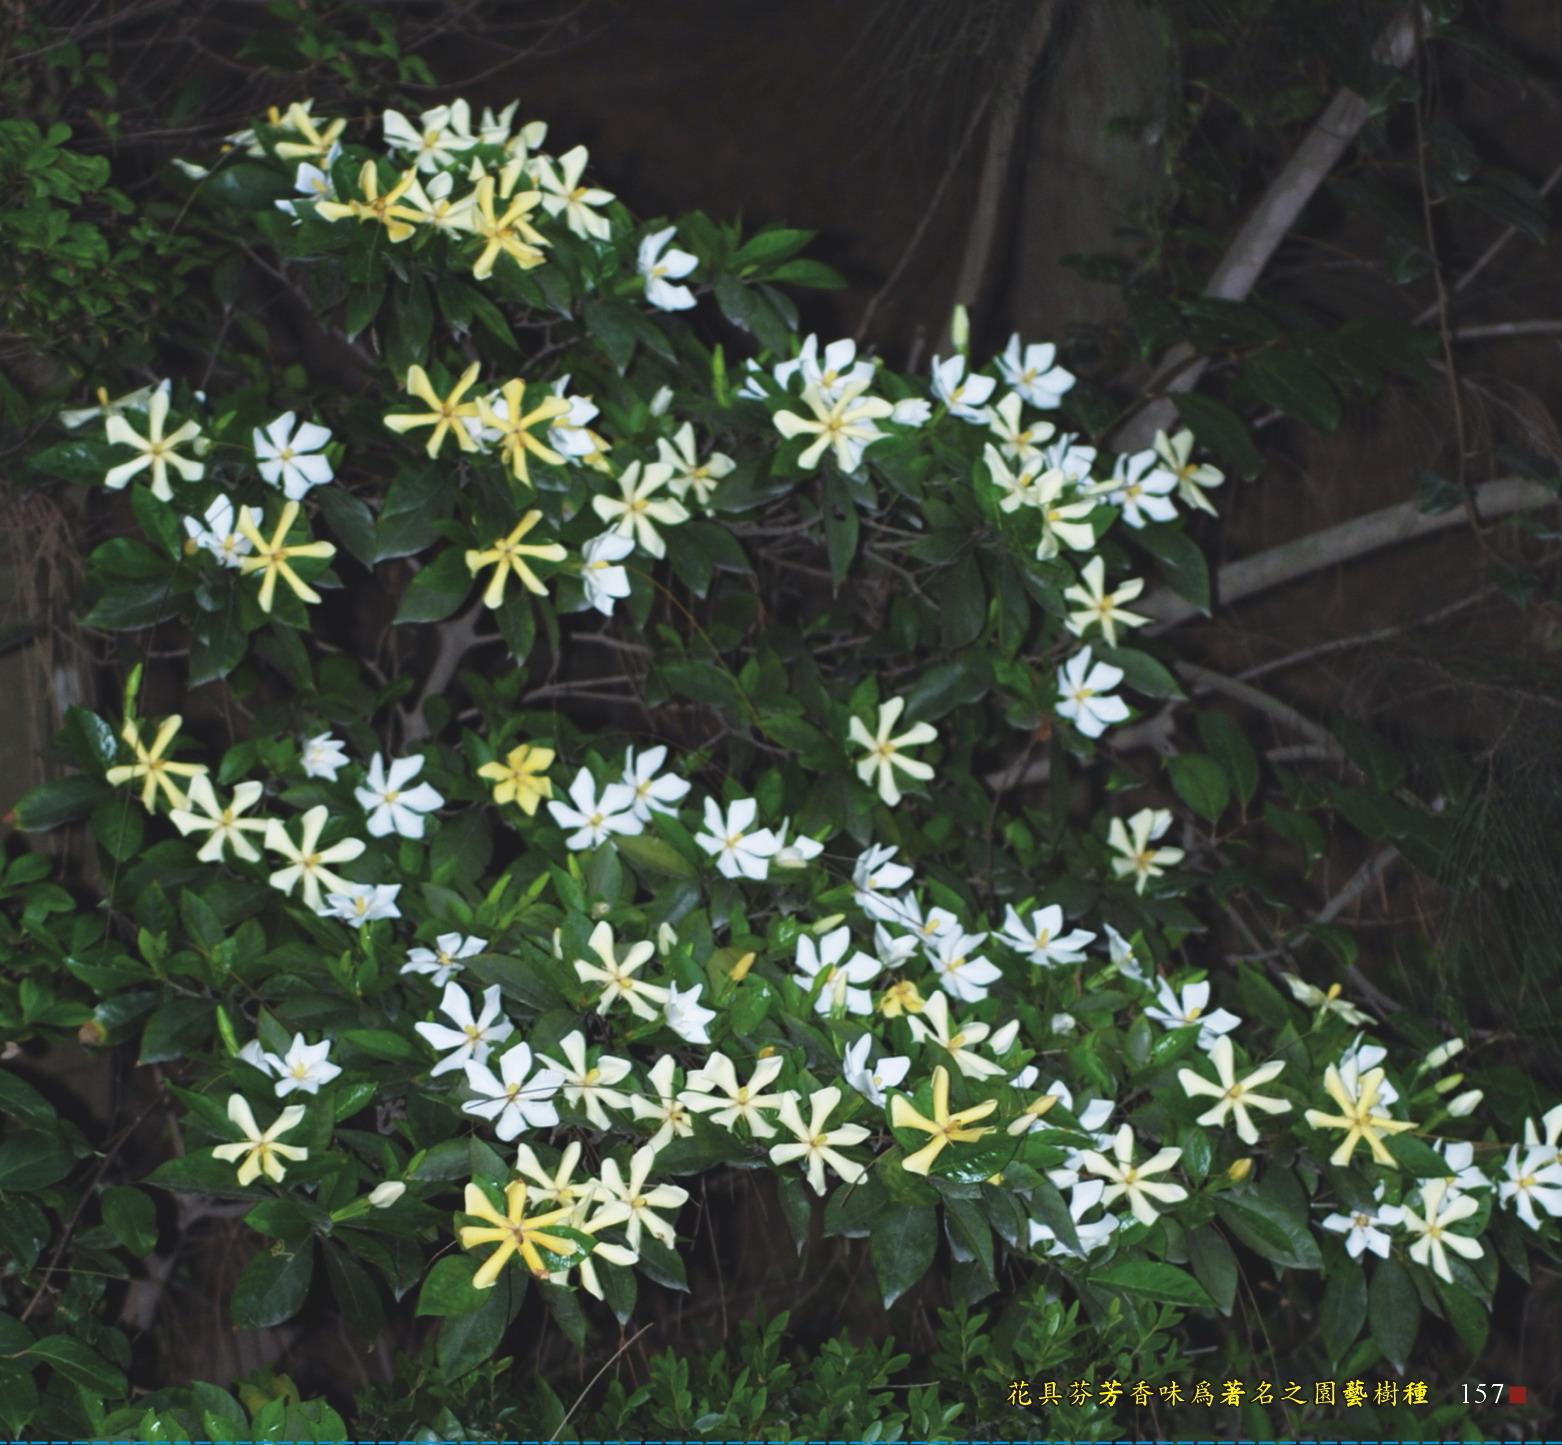 花具芬芳香味為著名之園藝樹種